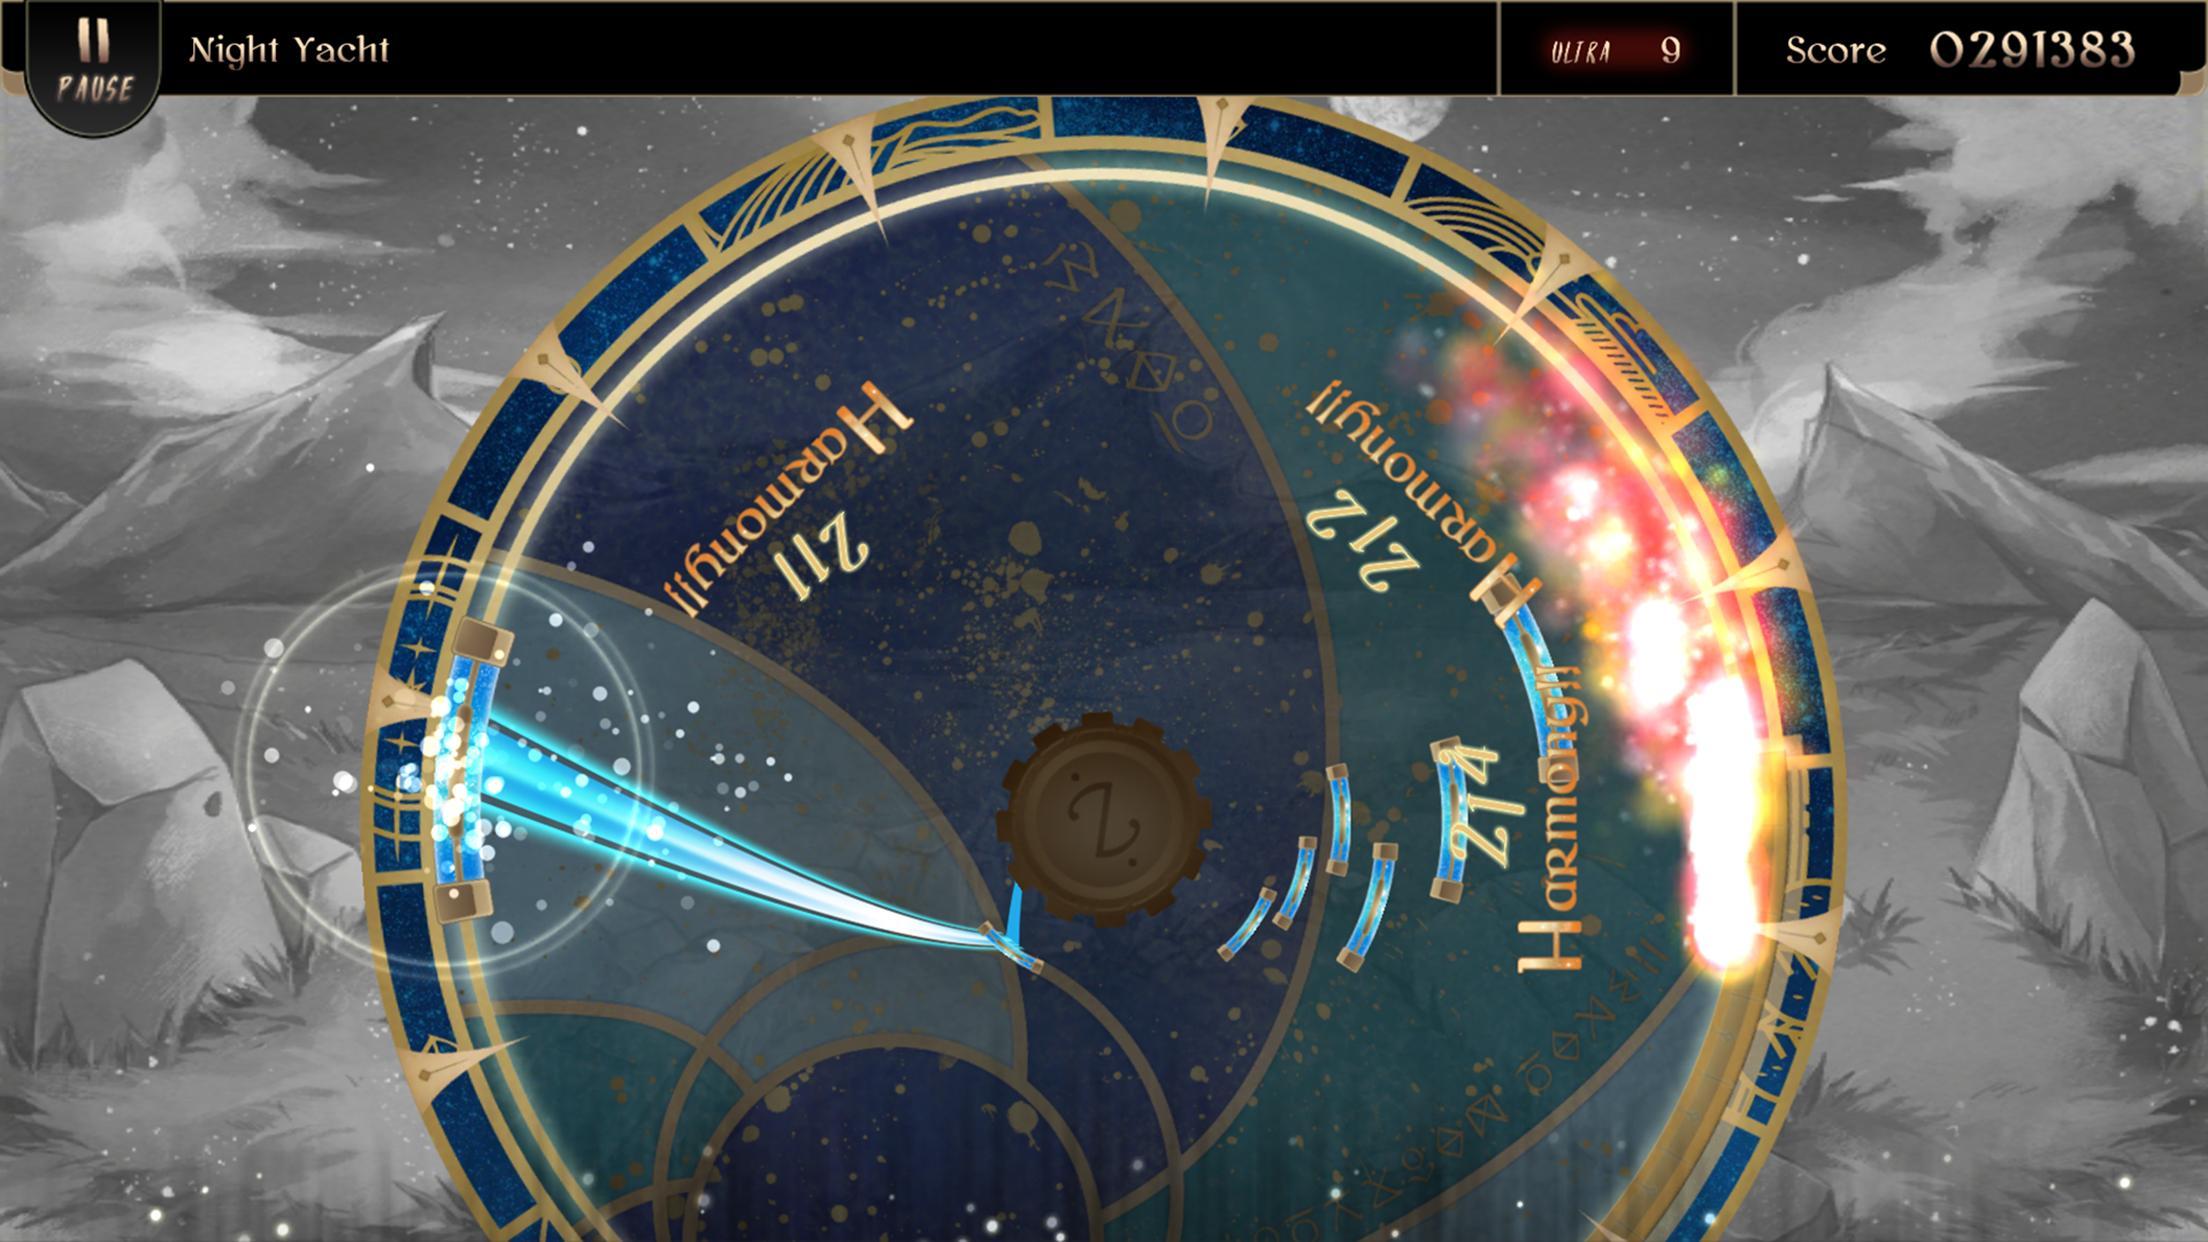 Lanota Dynamic & Challenging Music Game 2.5.3 Screenshot 13